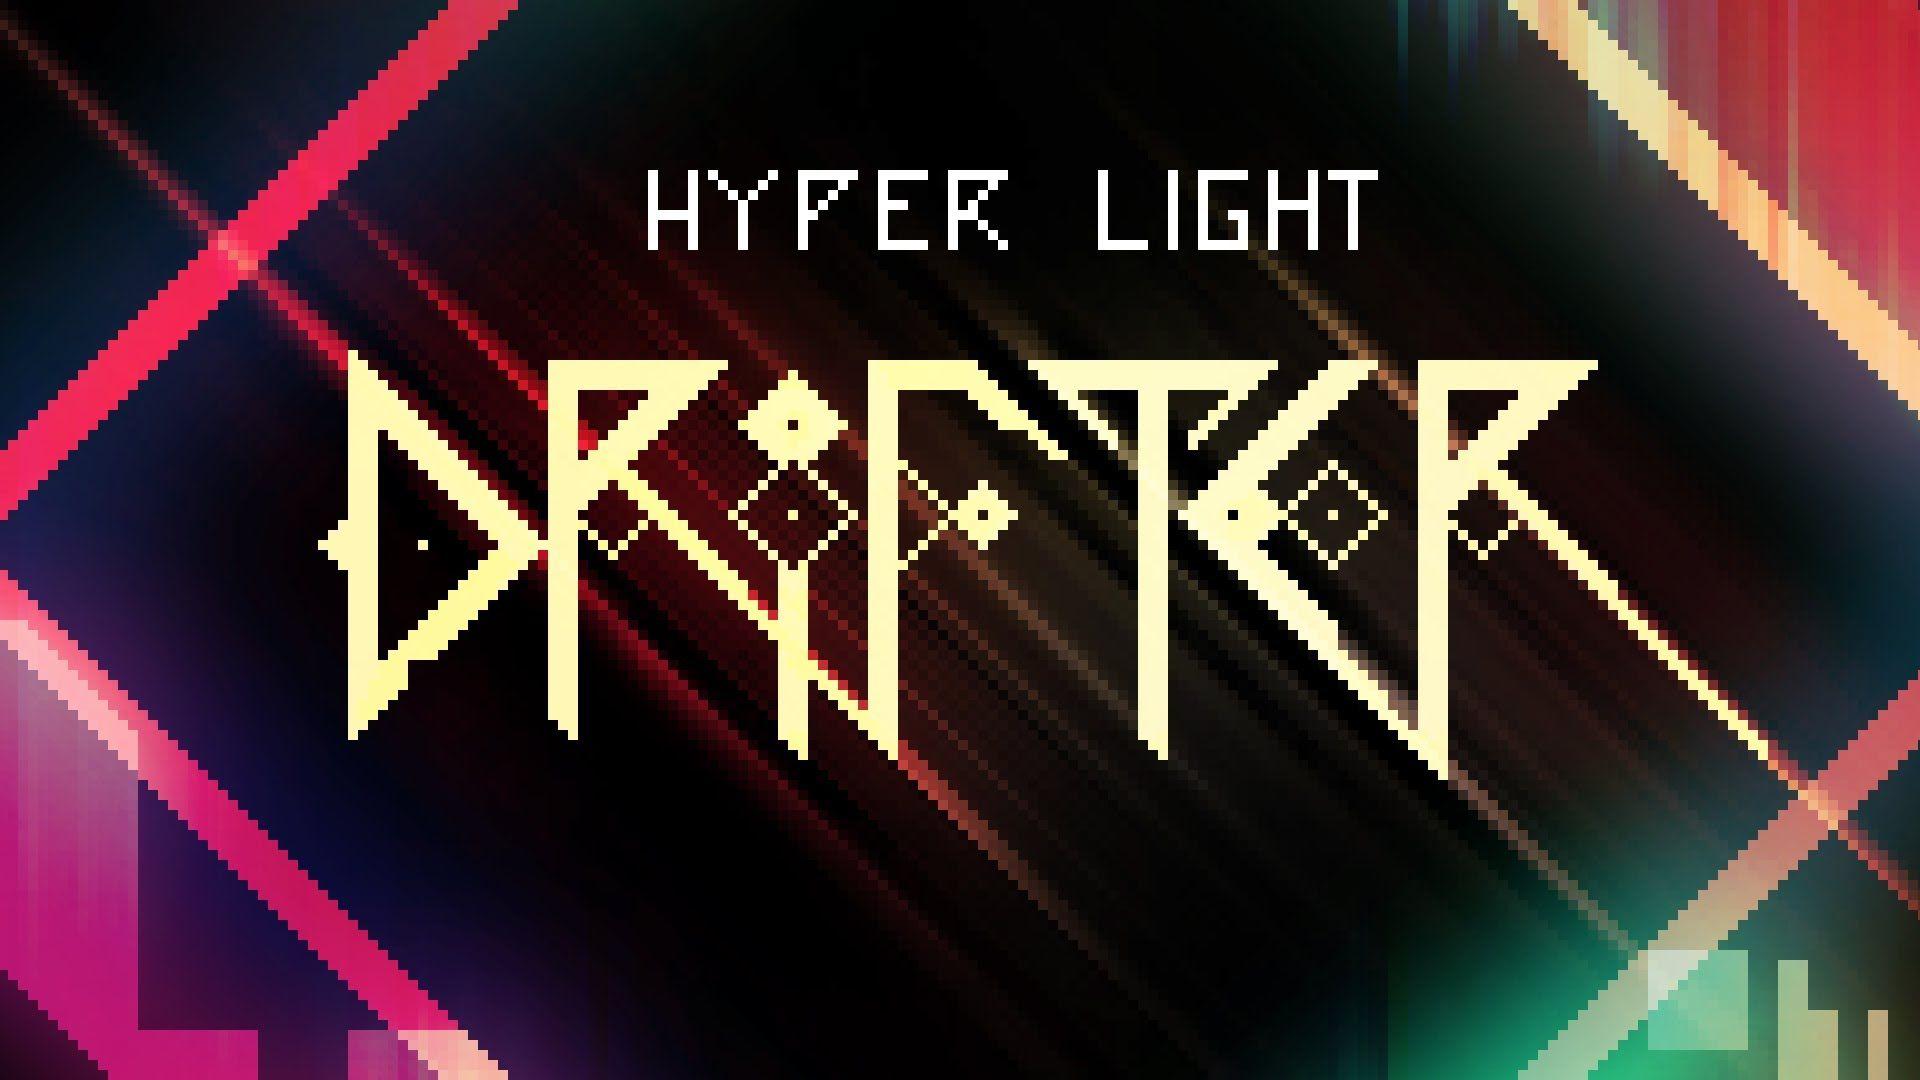 Hyper Light Drifter trailer Playstation, Drifter, Hyper